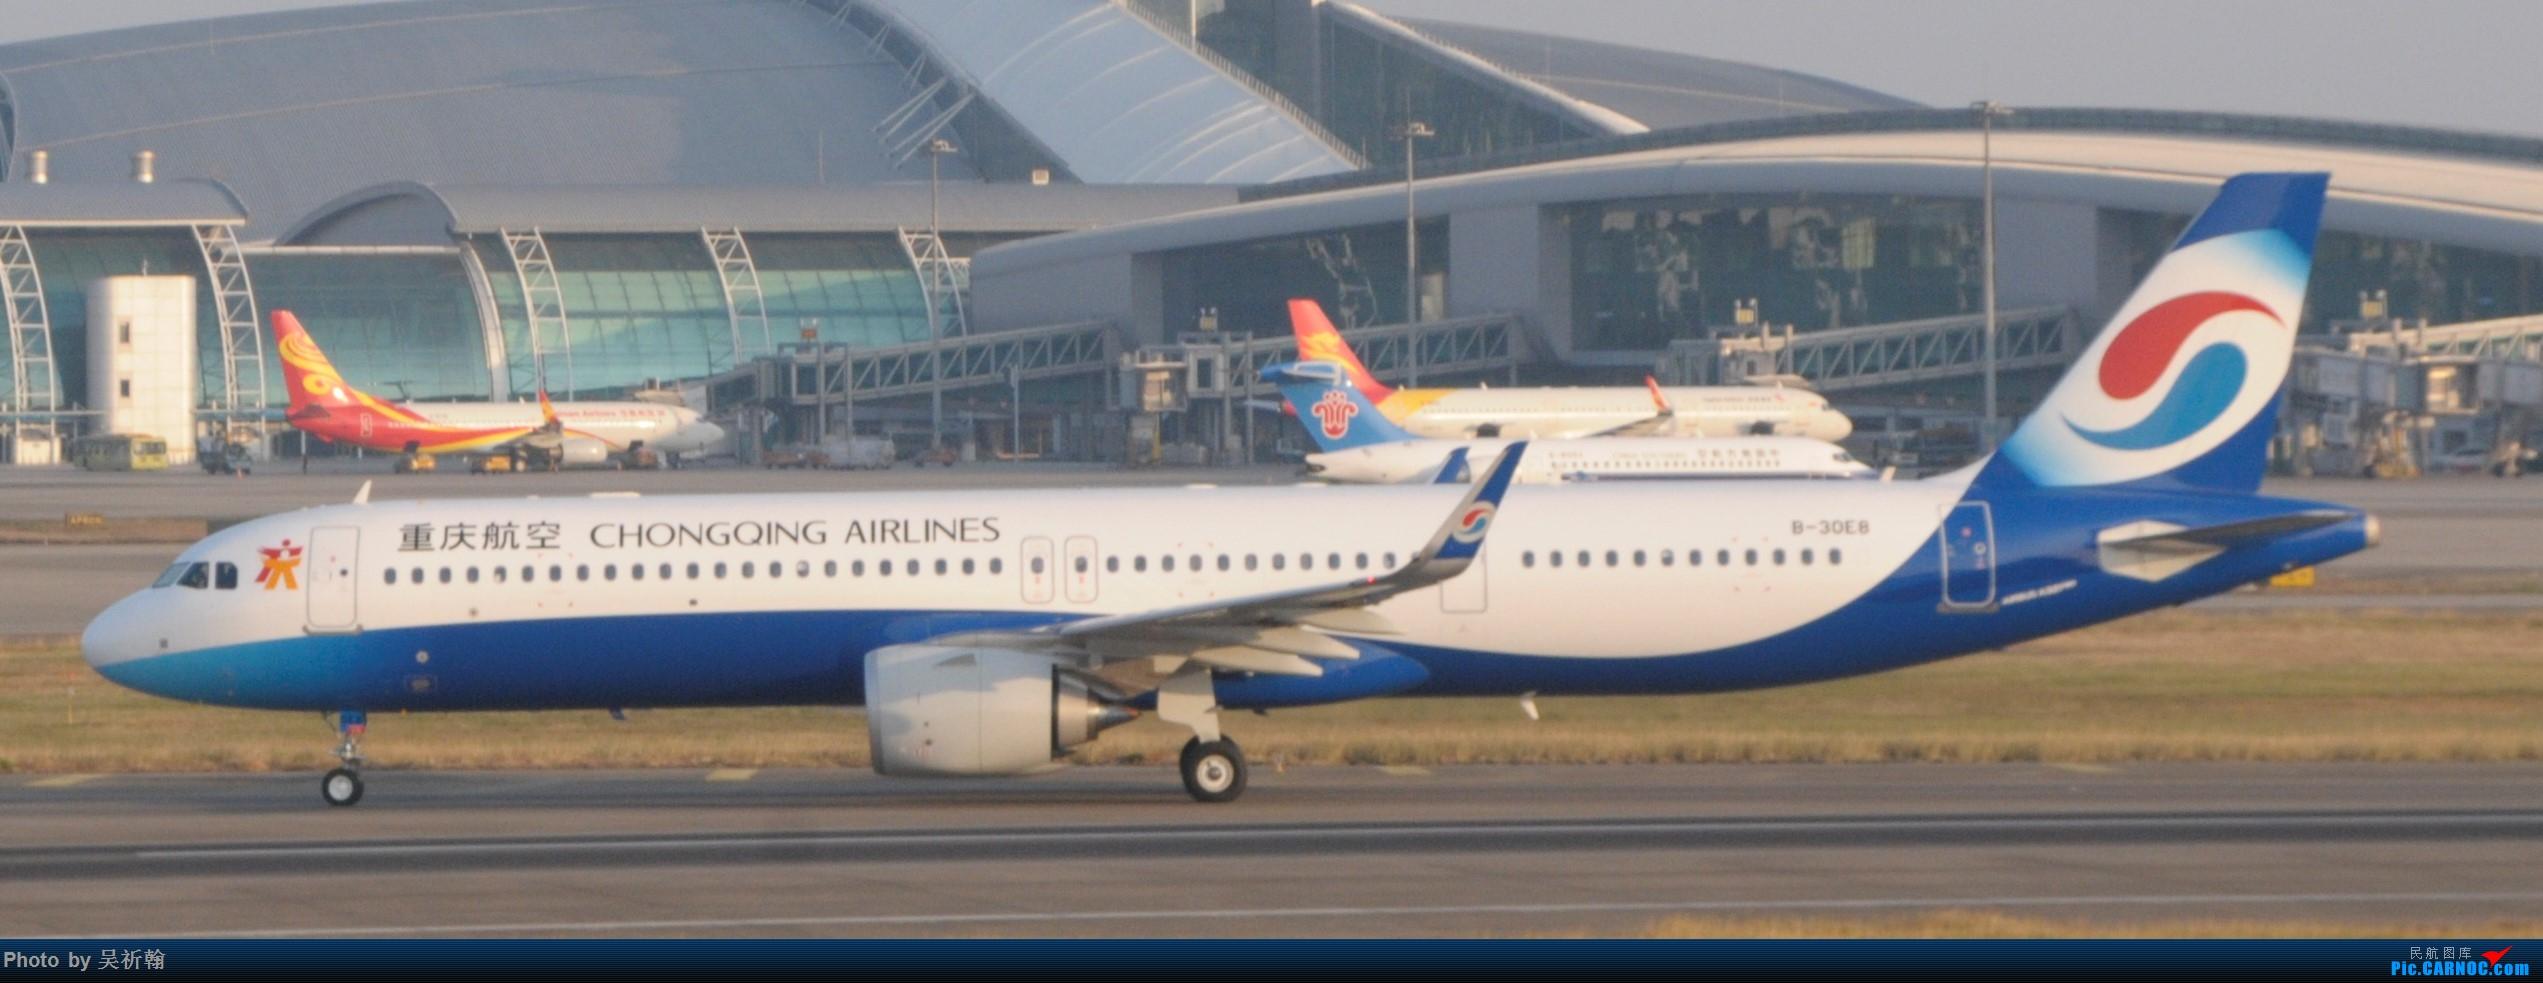 12月6号CAN首次西跑废楼拍机 AIRBUS A321NEOACF  废楼